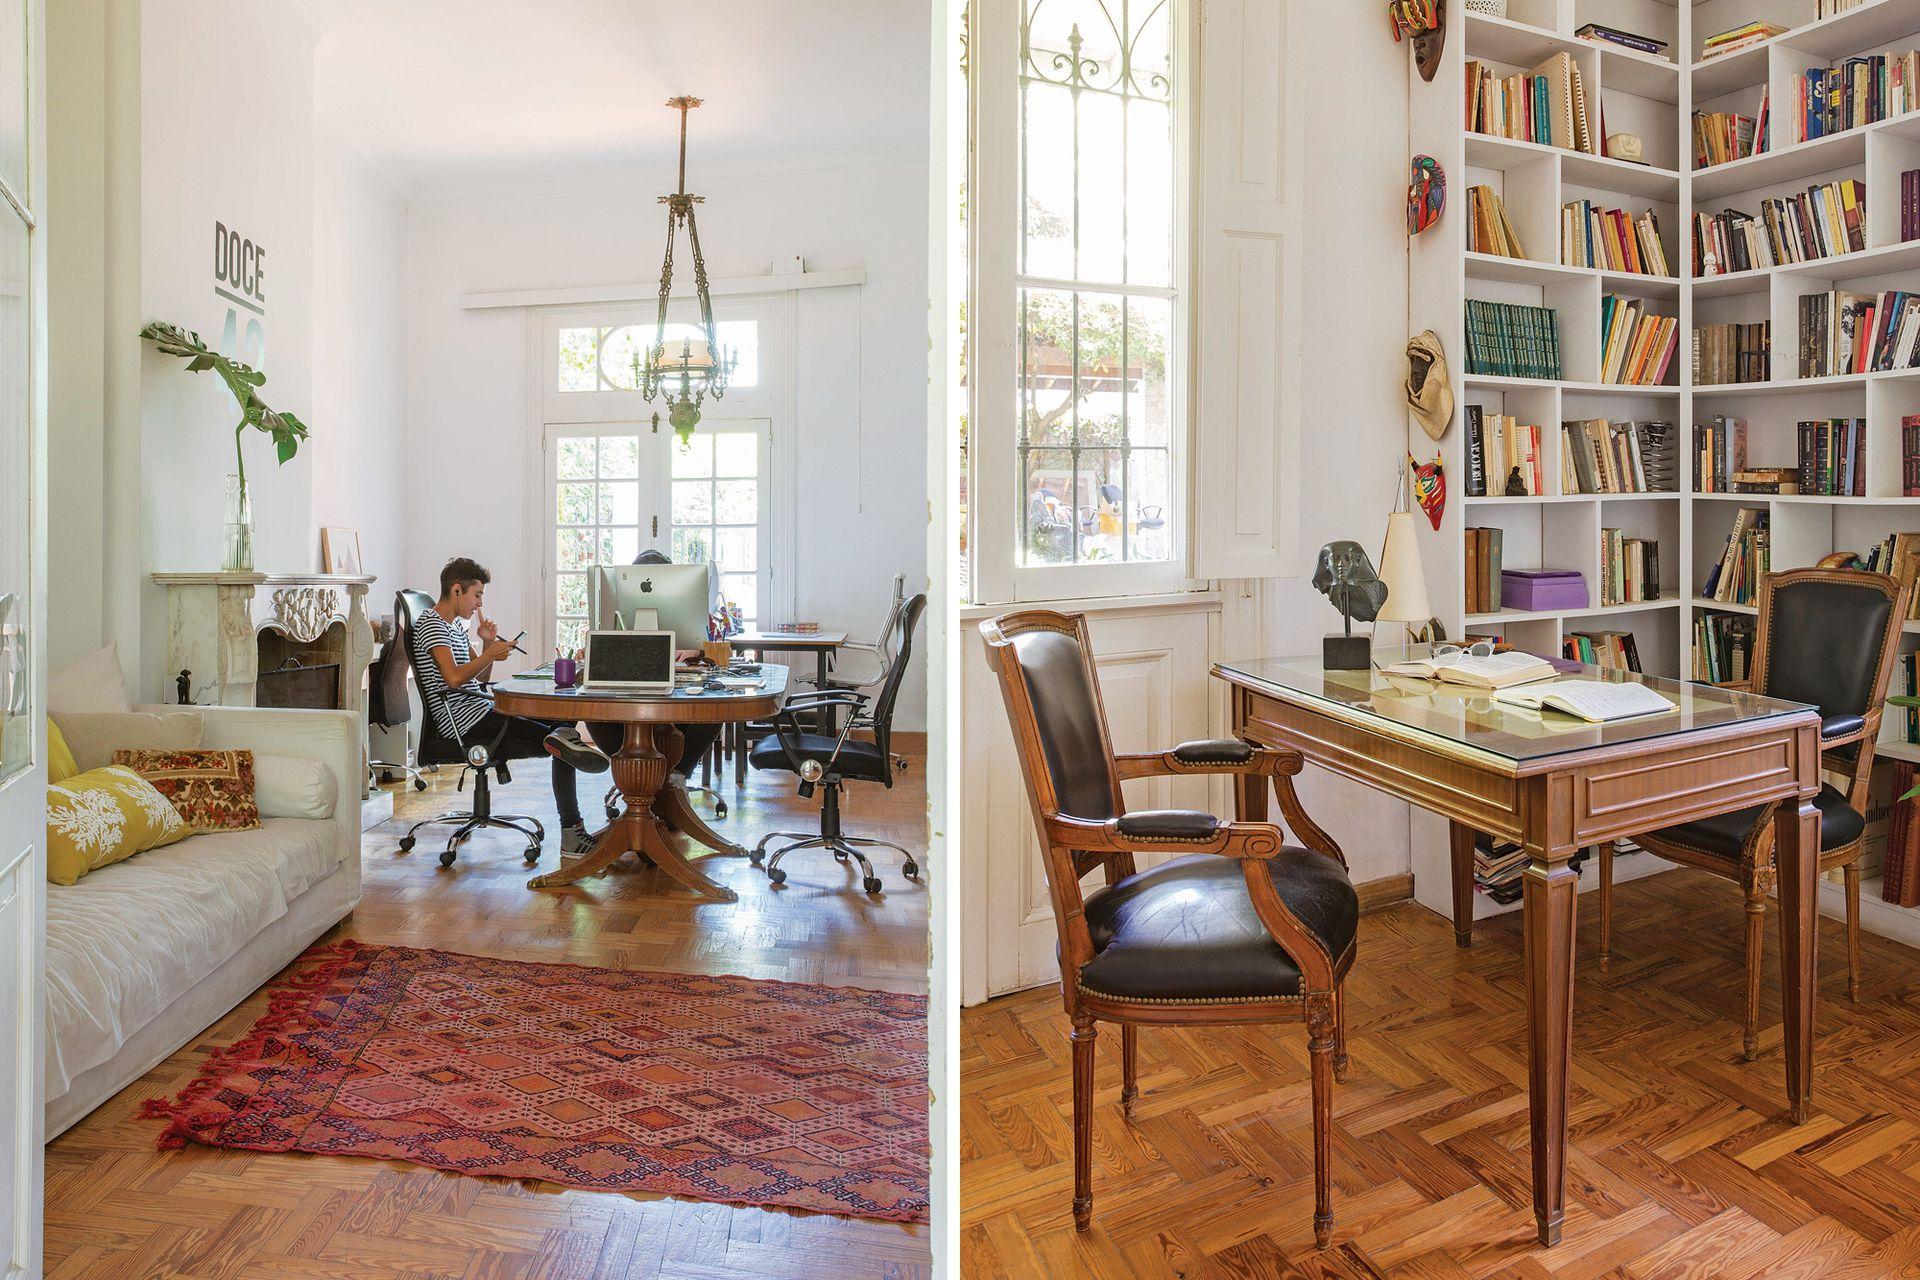 En el sector de relax, sillón (Laura O) al que le van cambiando la funda y renovando los almohadones (en esta ocasión, de En Abundancia Deco). Sobre el piso de madera original, alfombra (Olivia D). En el consultorio, biblioteca de madera pintada de blanco hecha a medida y silla de estilo francés.